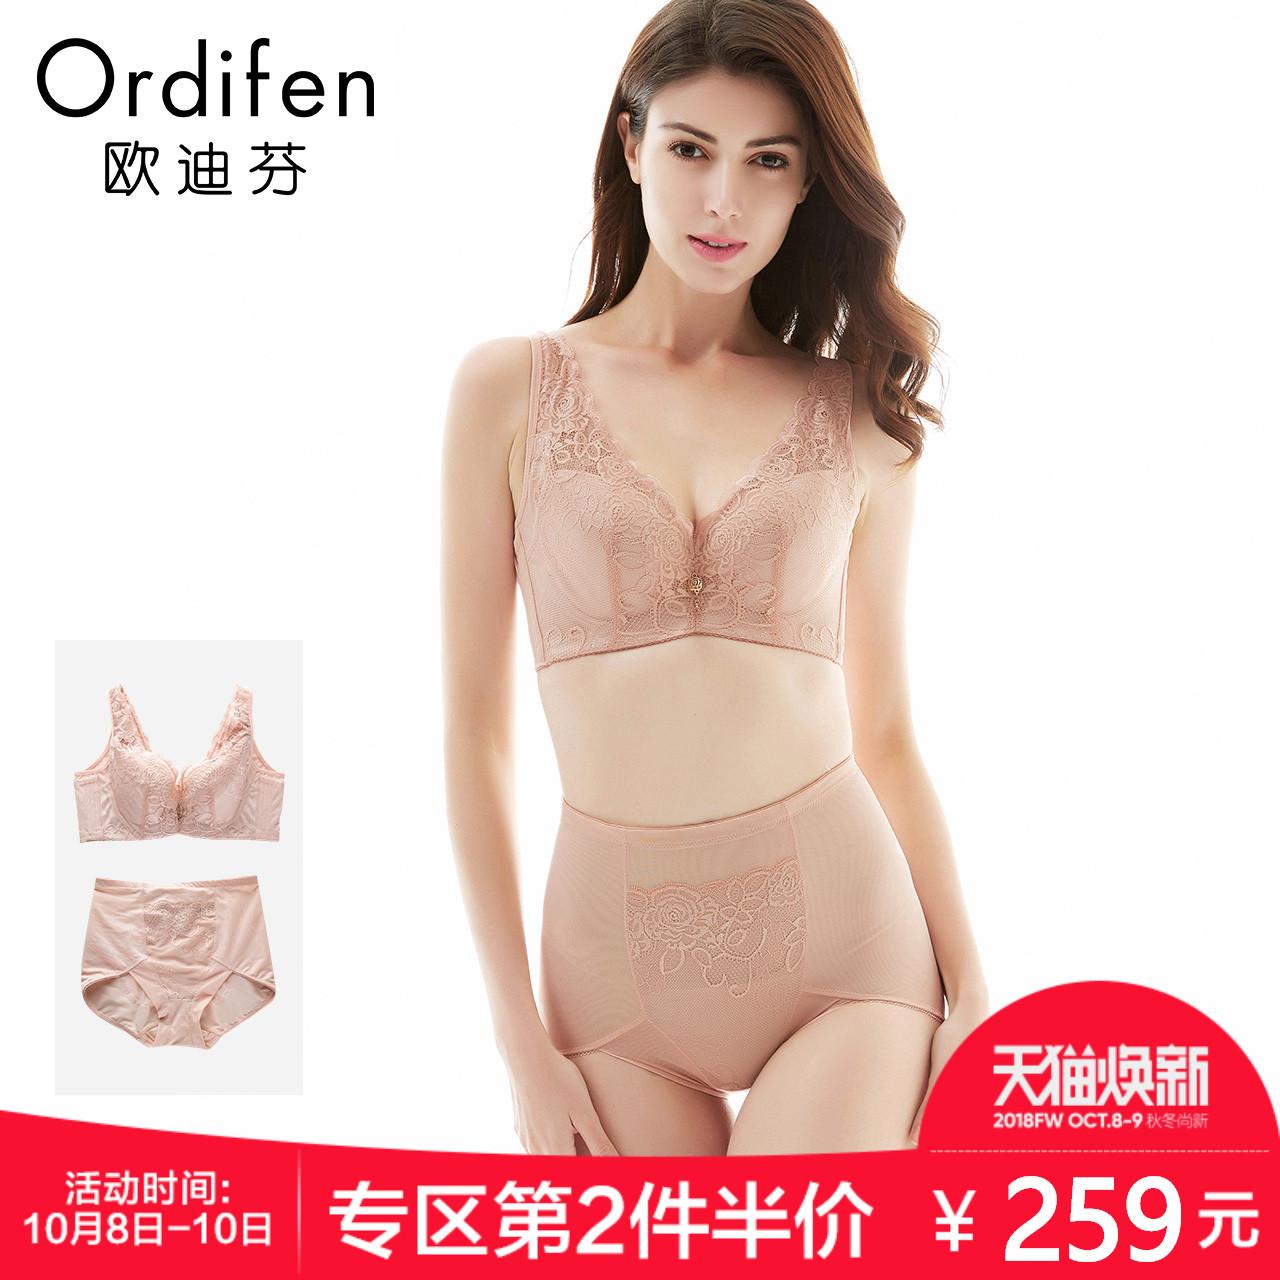 欧迪芬新款女士内衣内裤聚拢调整型胸罩蕾丝美背文胸套装XA83564